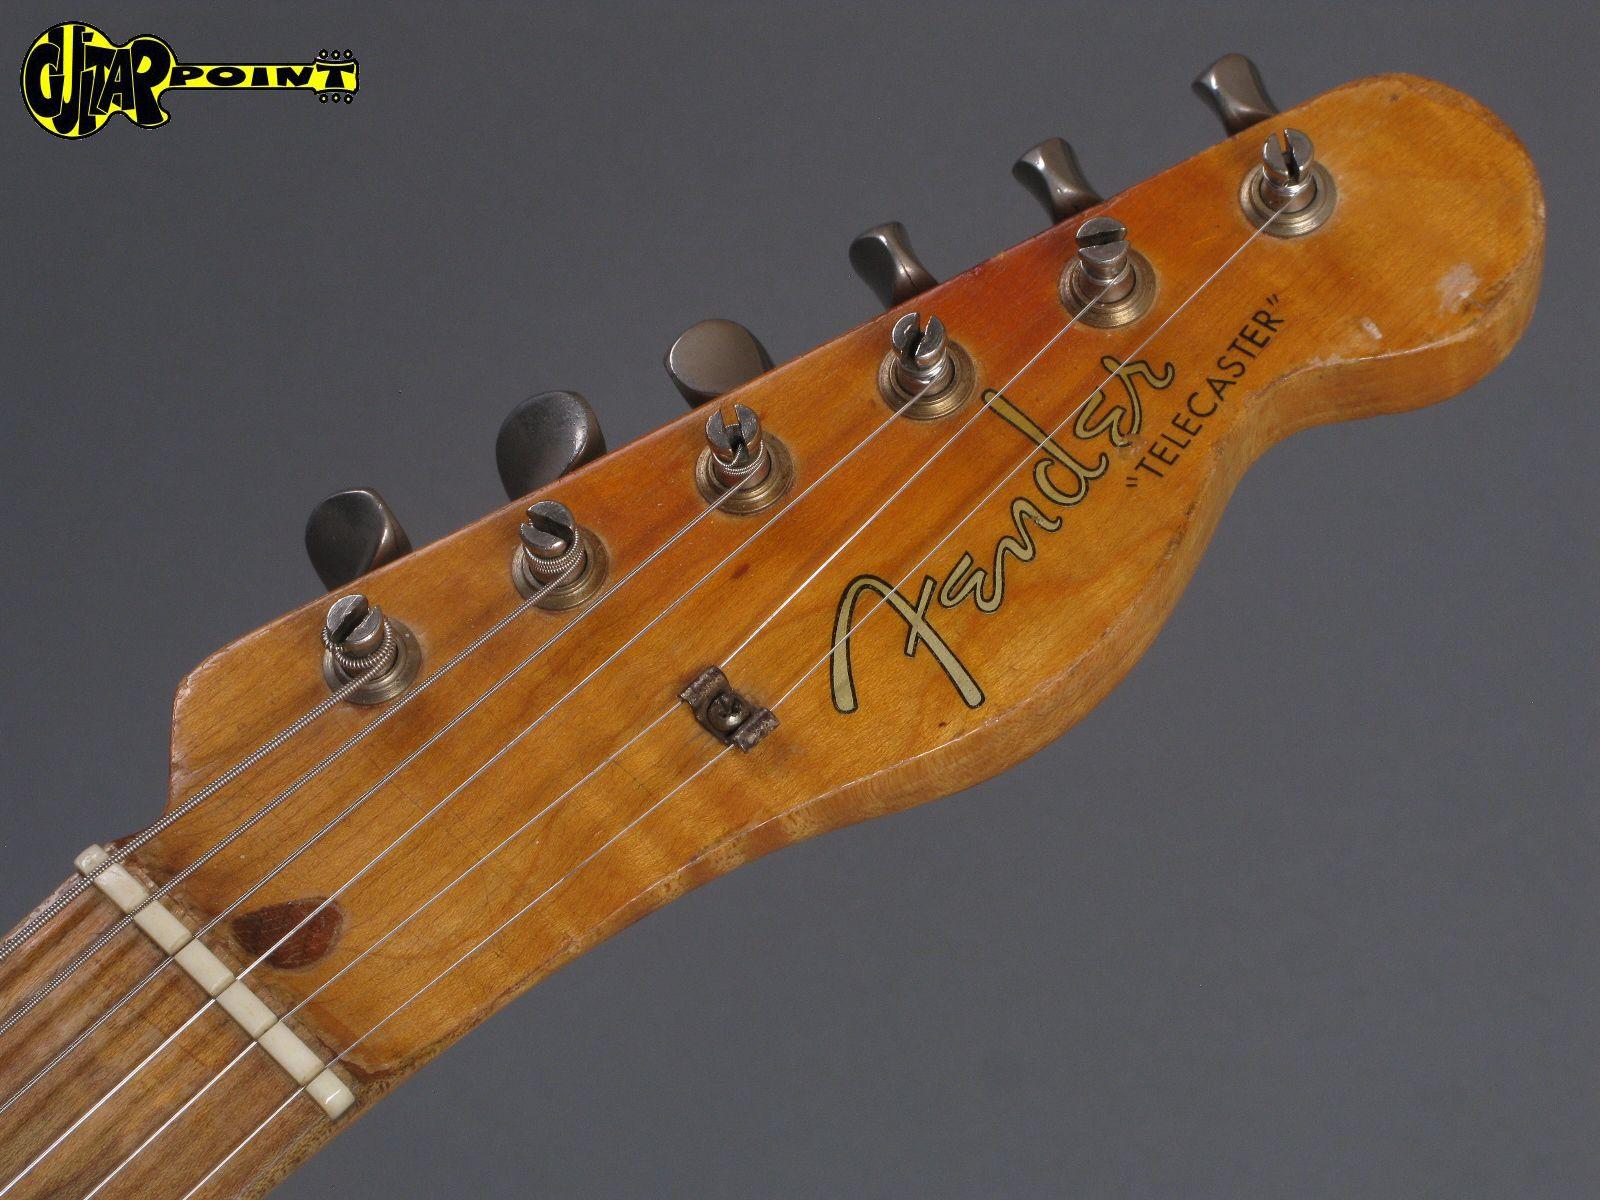 fender telecaster 1959 blond guitar for sale guitarpoint. Black Bedroom Furniture Sets. Home Design Ideas